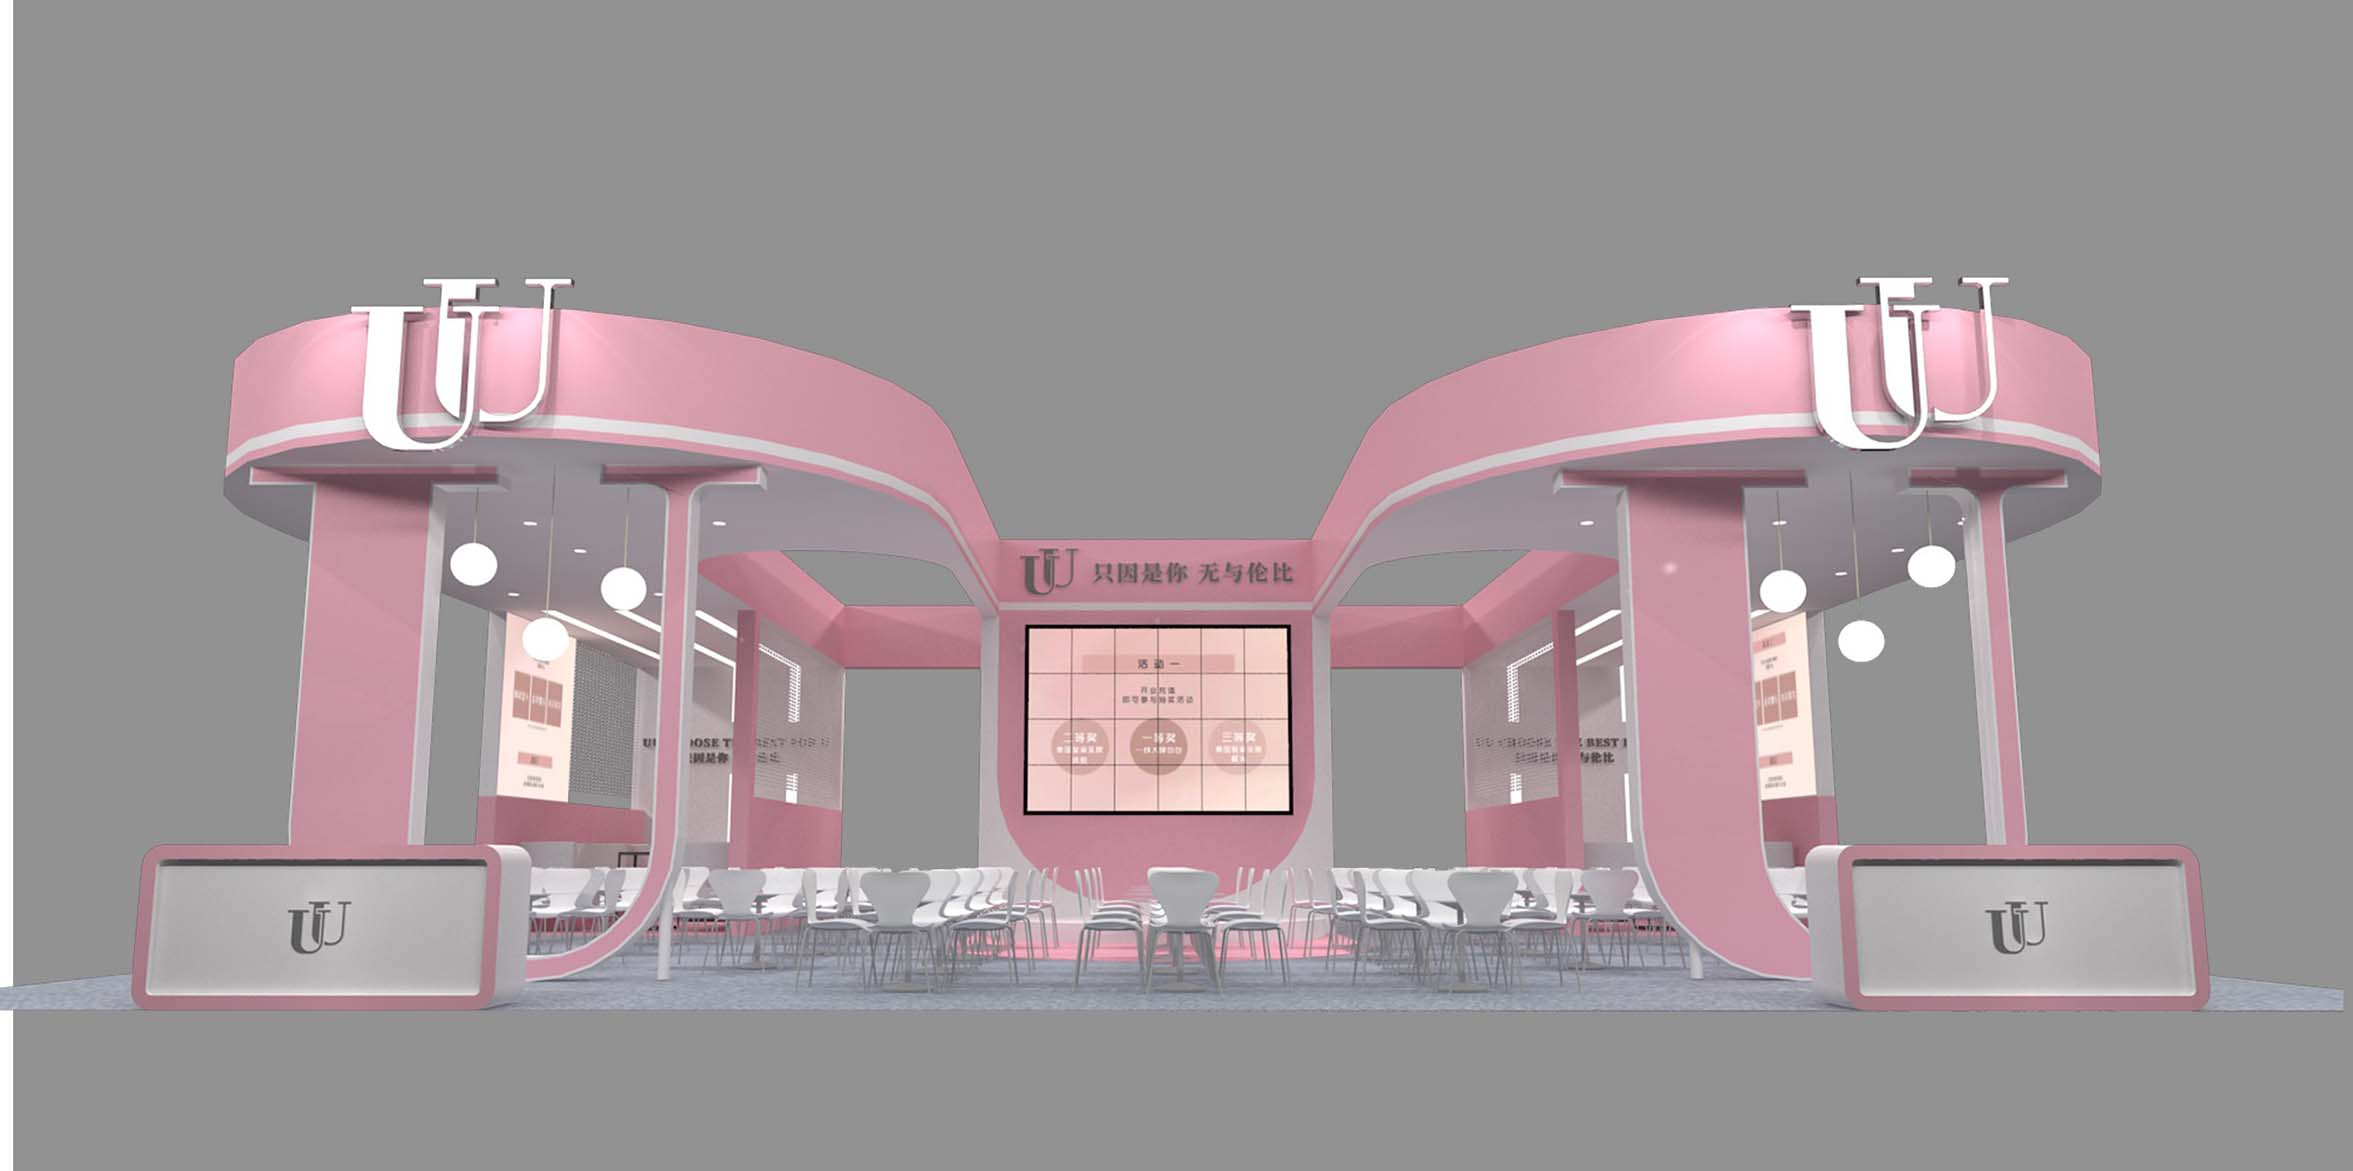 美博会展位设计搭建-玛姿宝